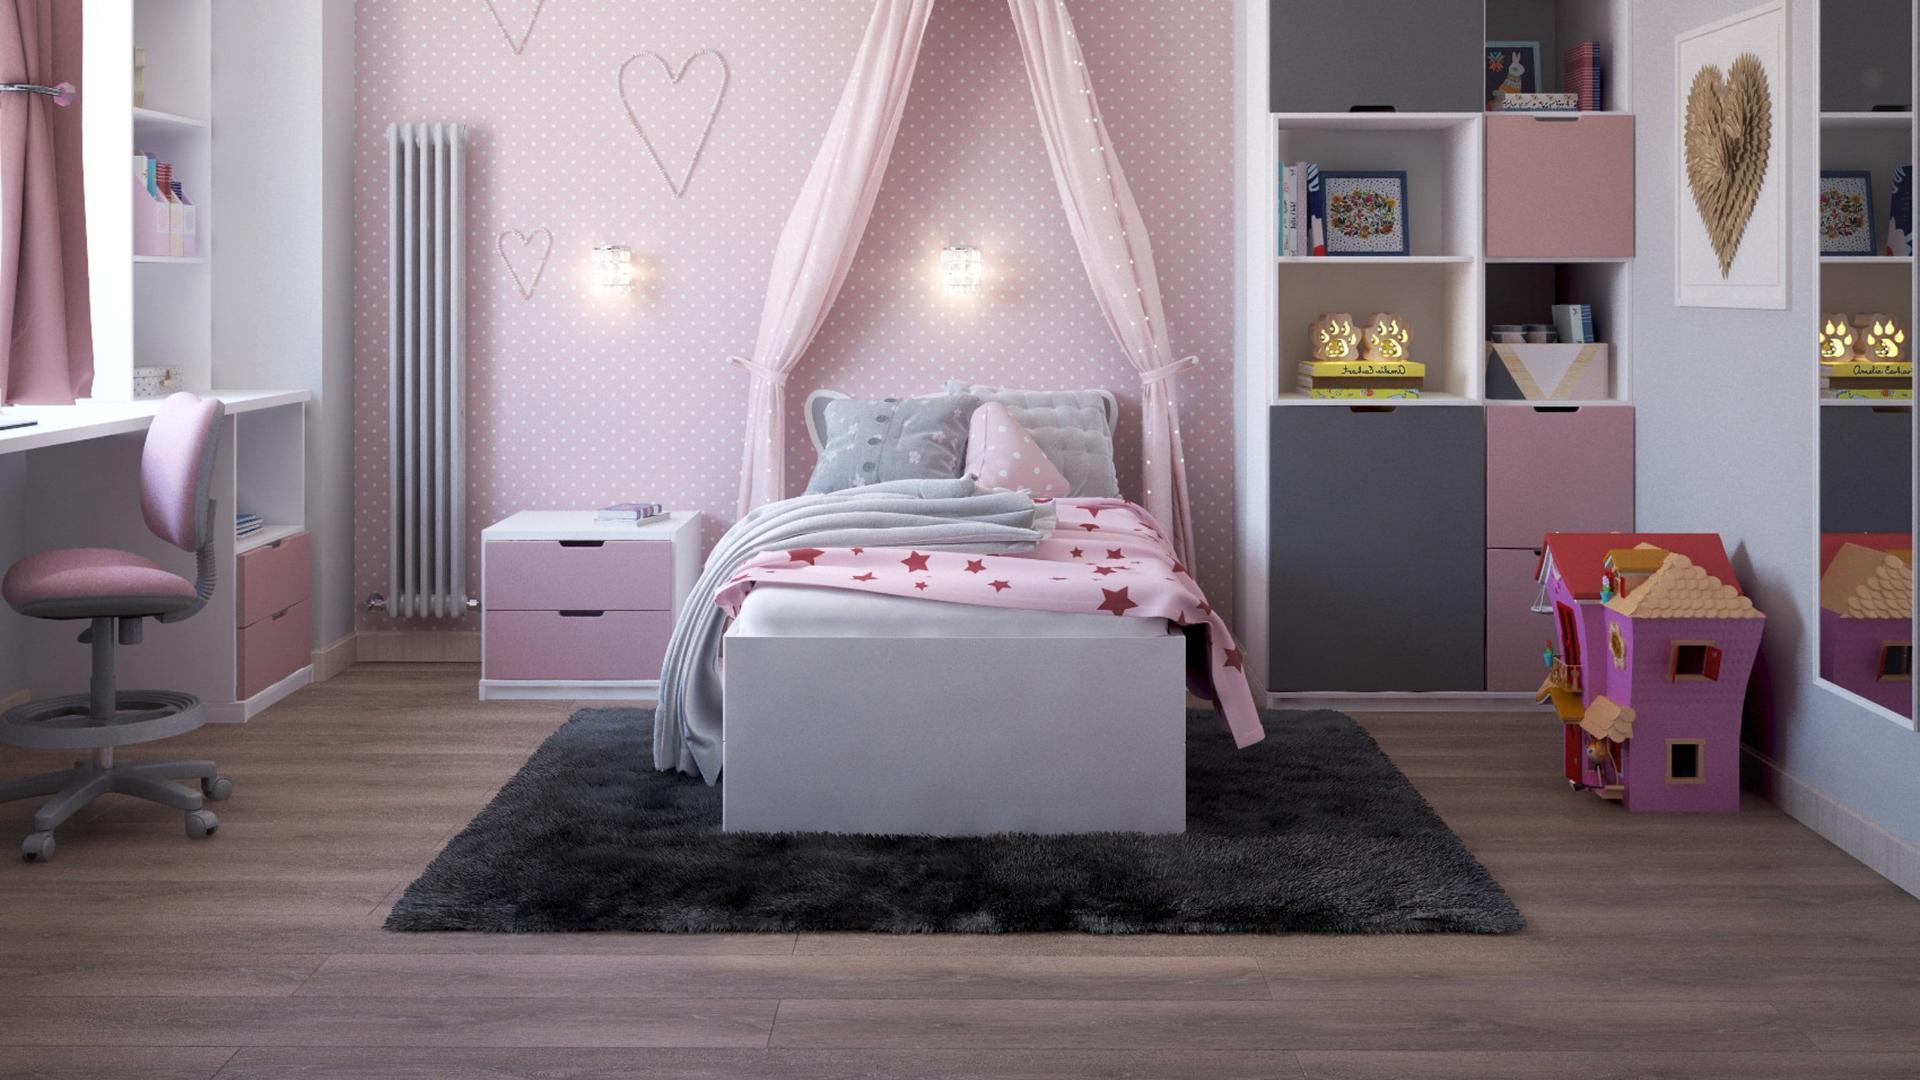 Интерьер детской комнаты для девочки в розовом цвете